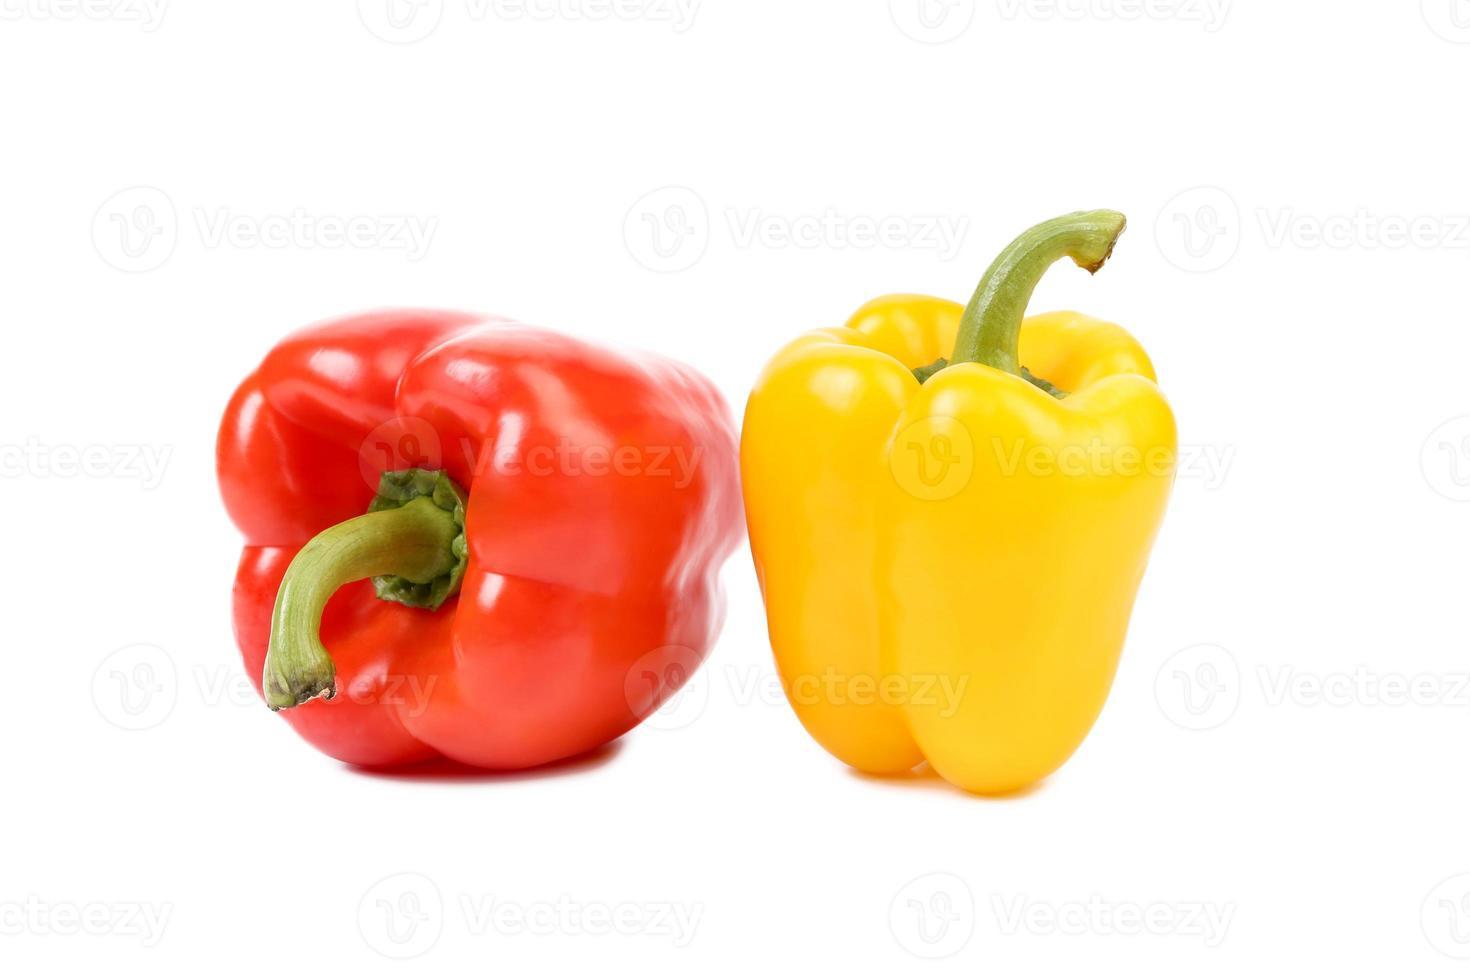 röda och gula paprika foto